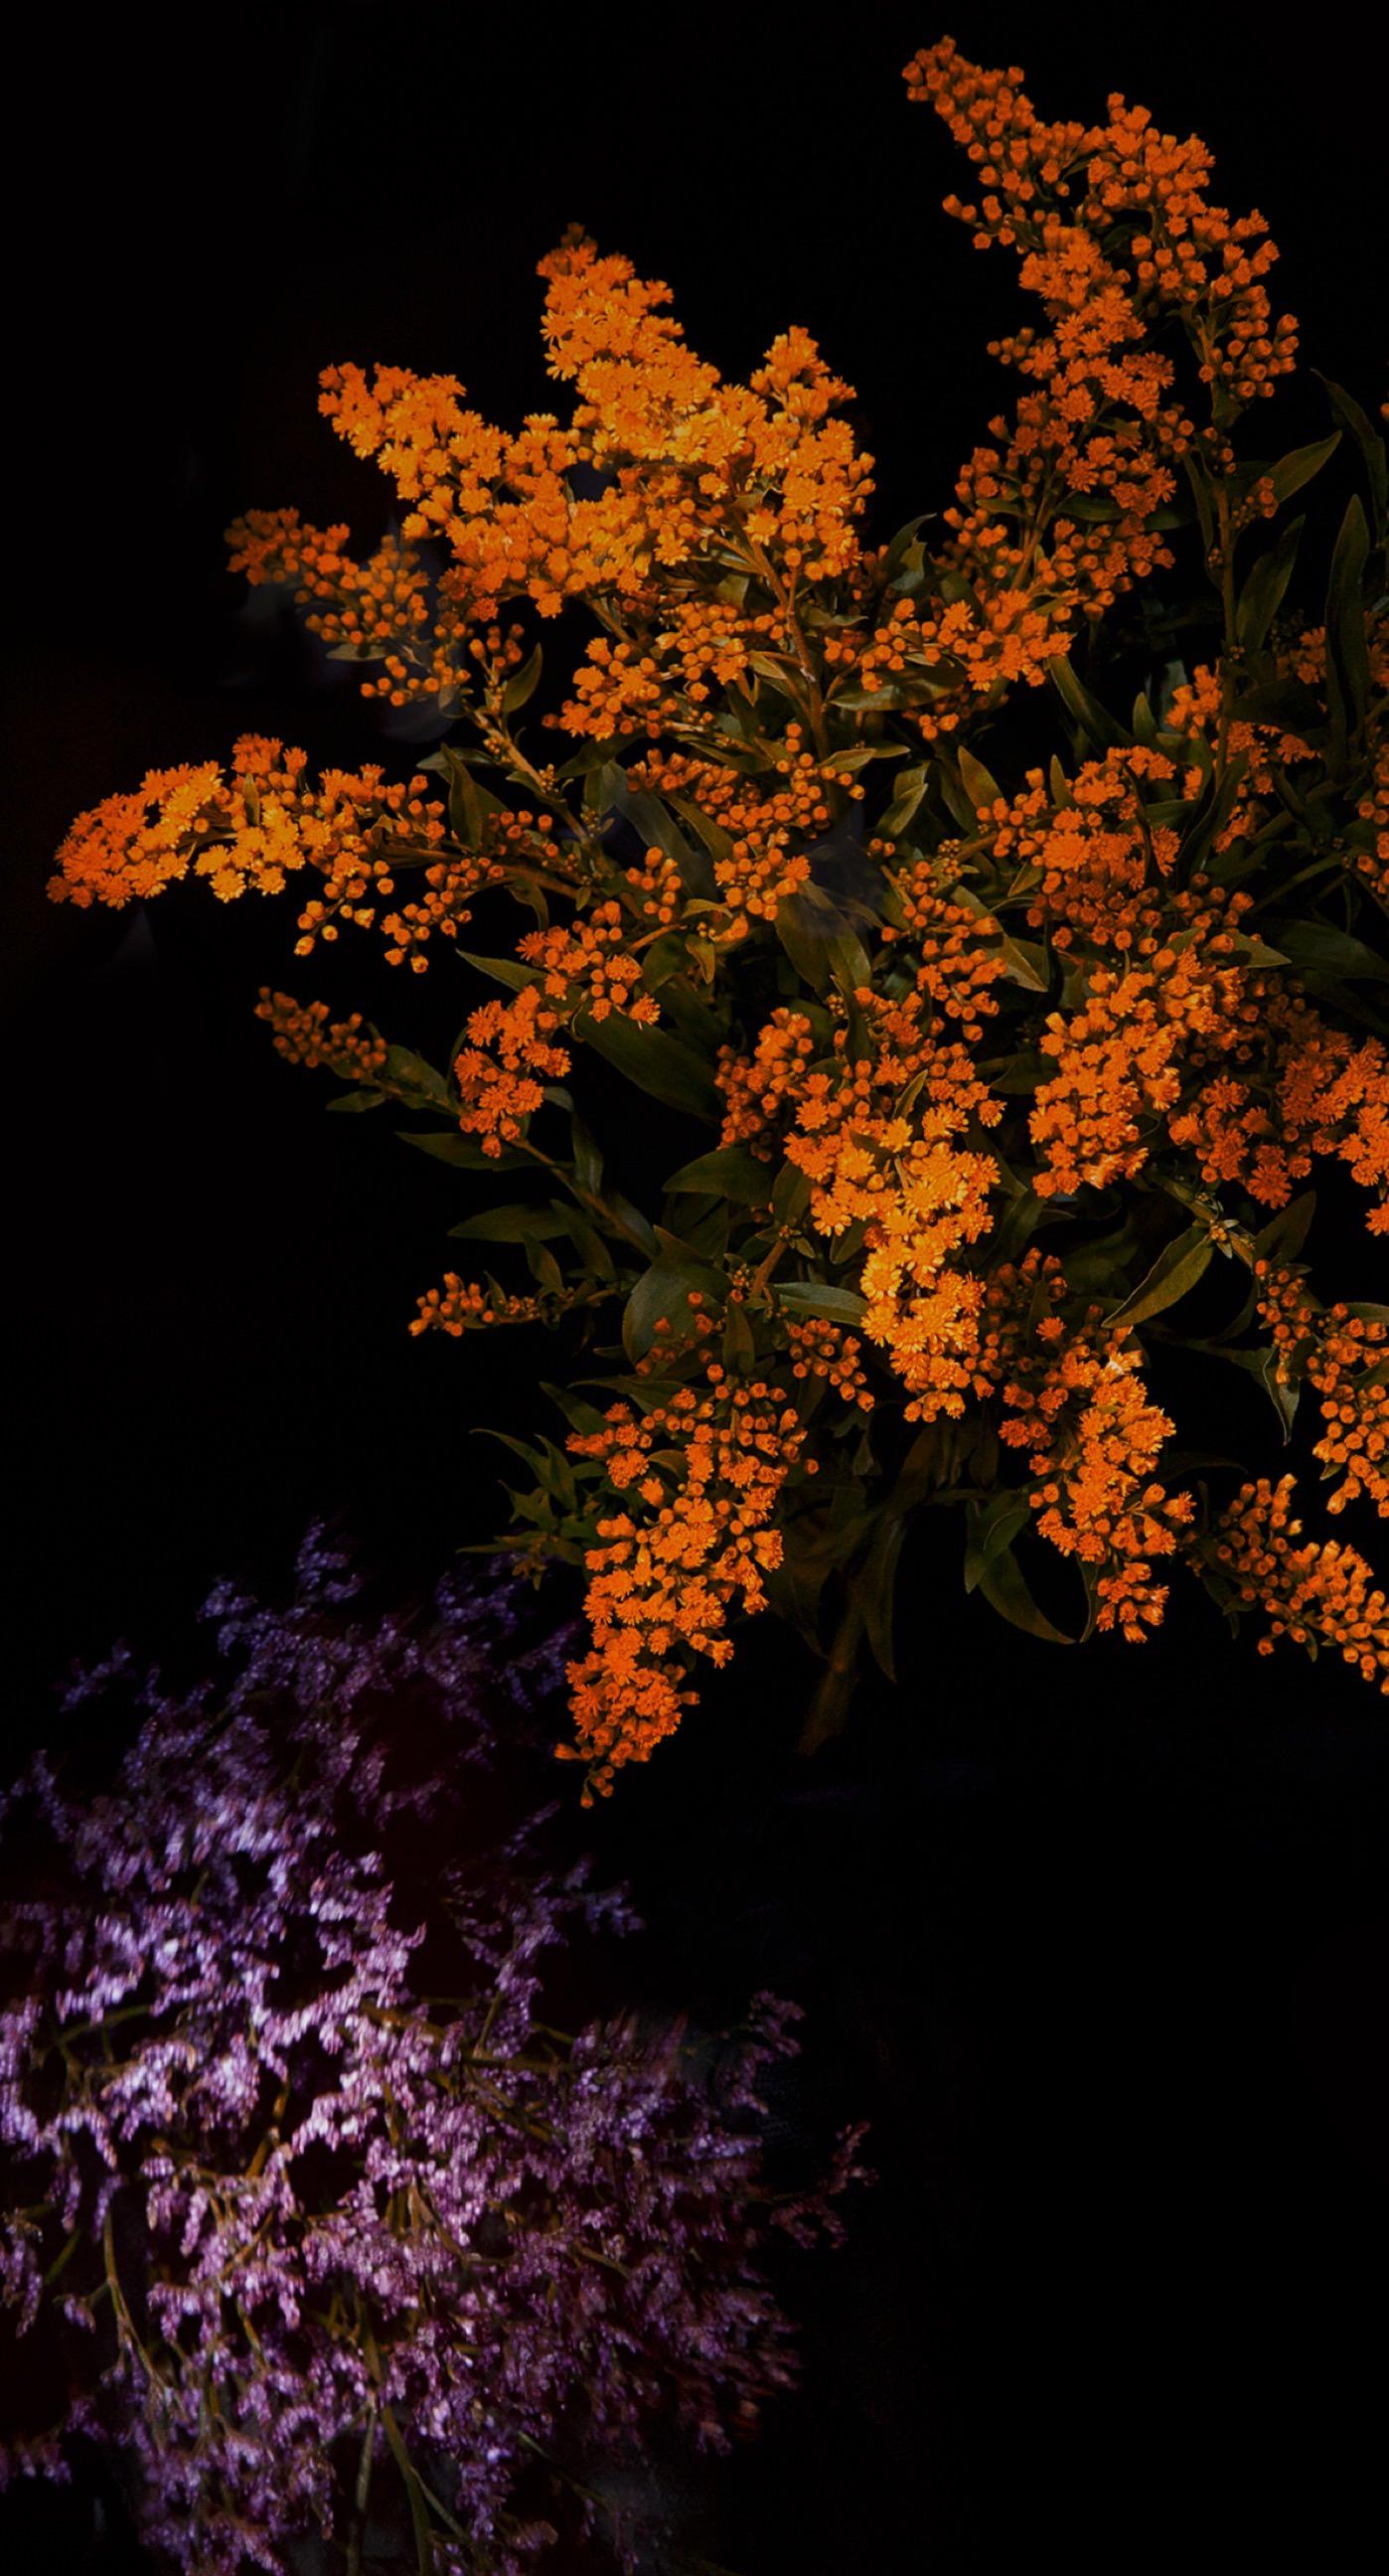 Orange Flower Cool Ios9 Wallpaper Sc Iphone7plus